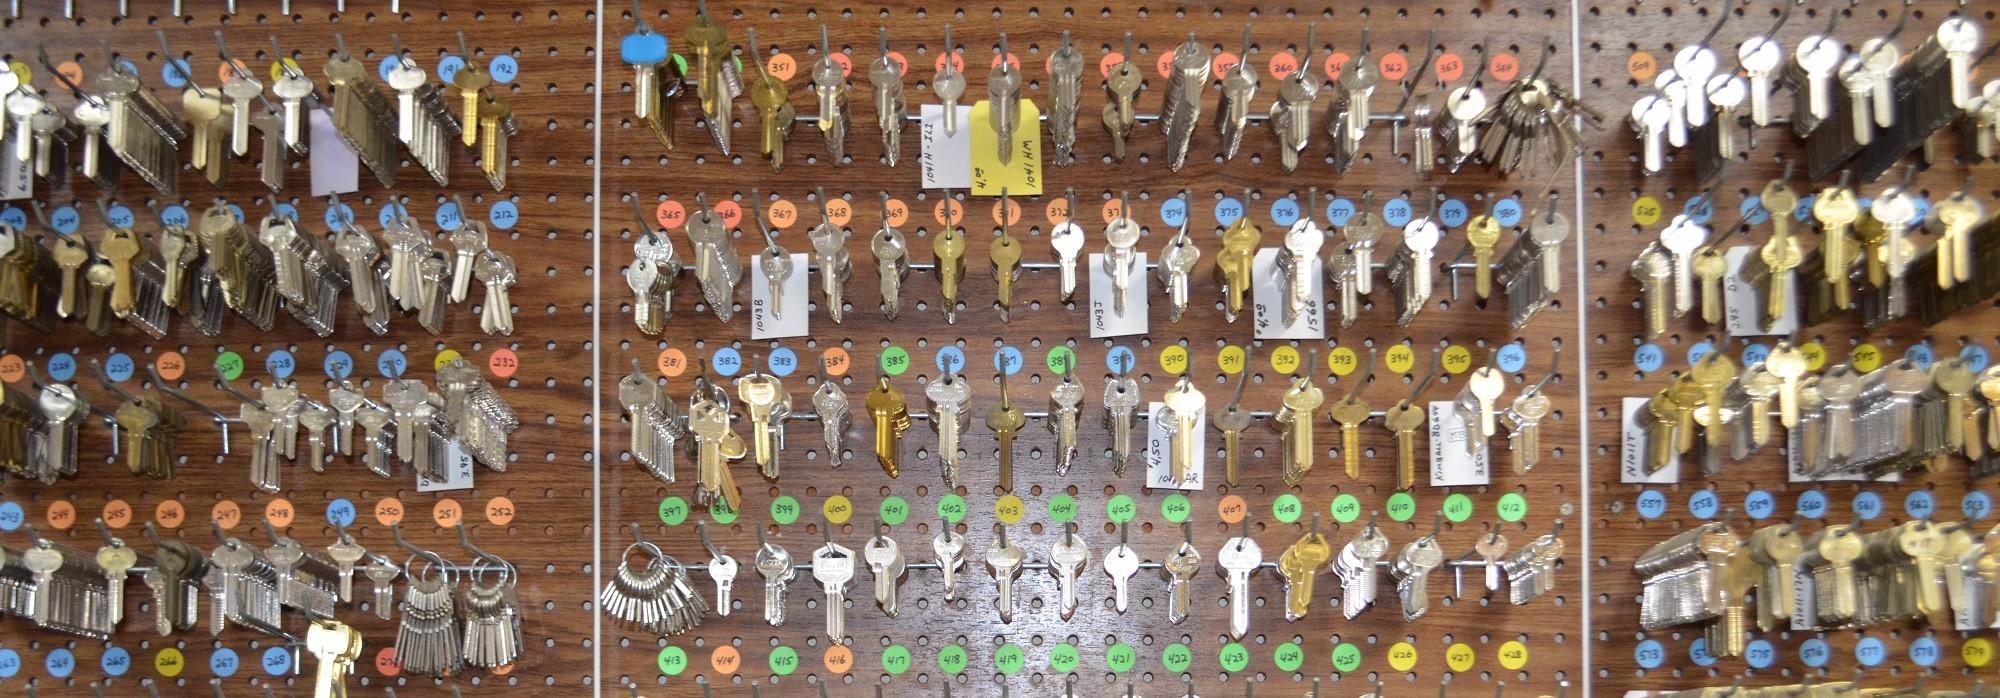 Keys 2000 x 600